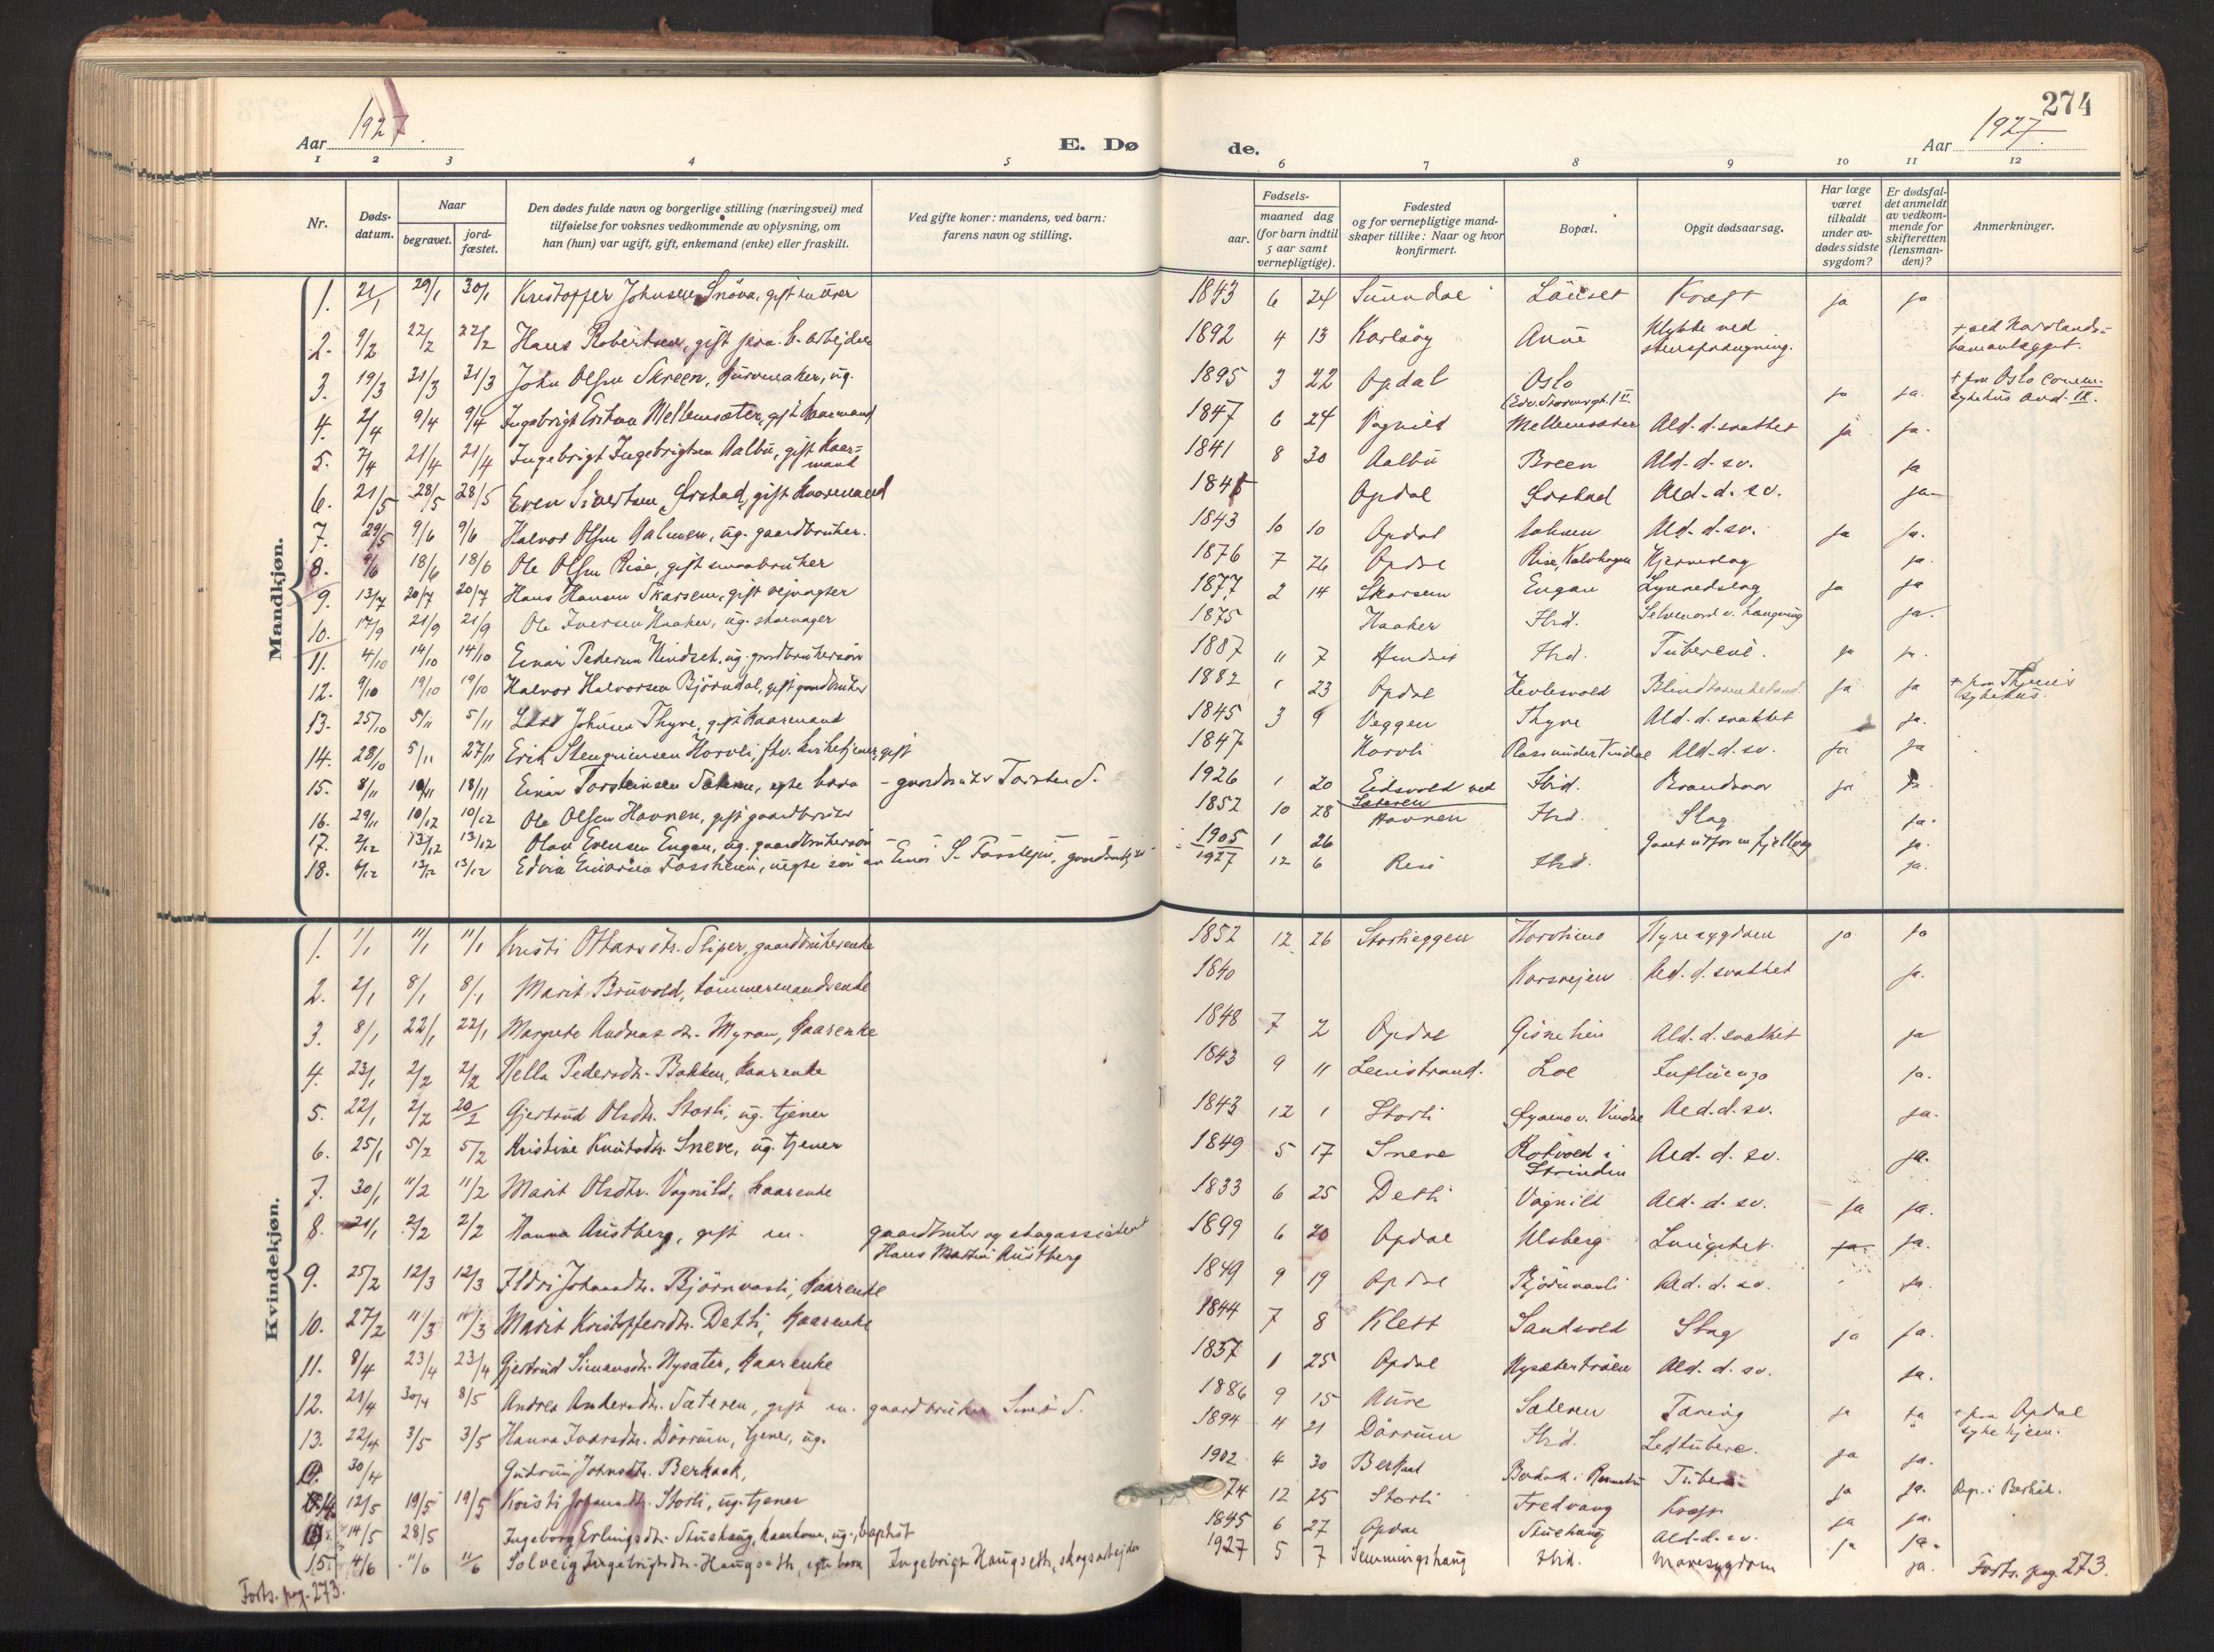 SAT, Ministerialprotokoller, klokkerbøker og fødselsregistre - Sør-Trøndelag, 678/L0909: Ministerialbok nr. 678A17, 1912-1930, s. 274